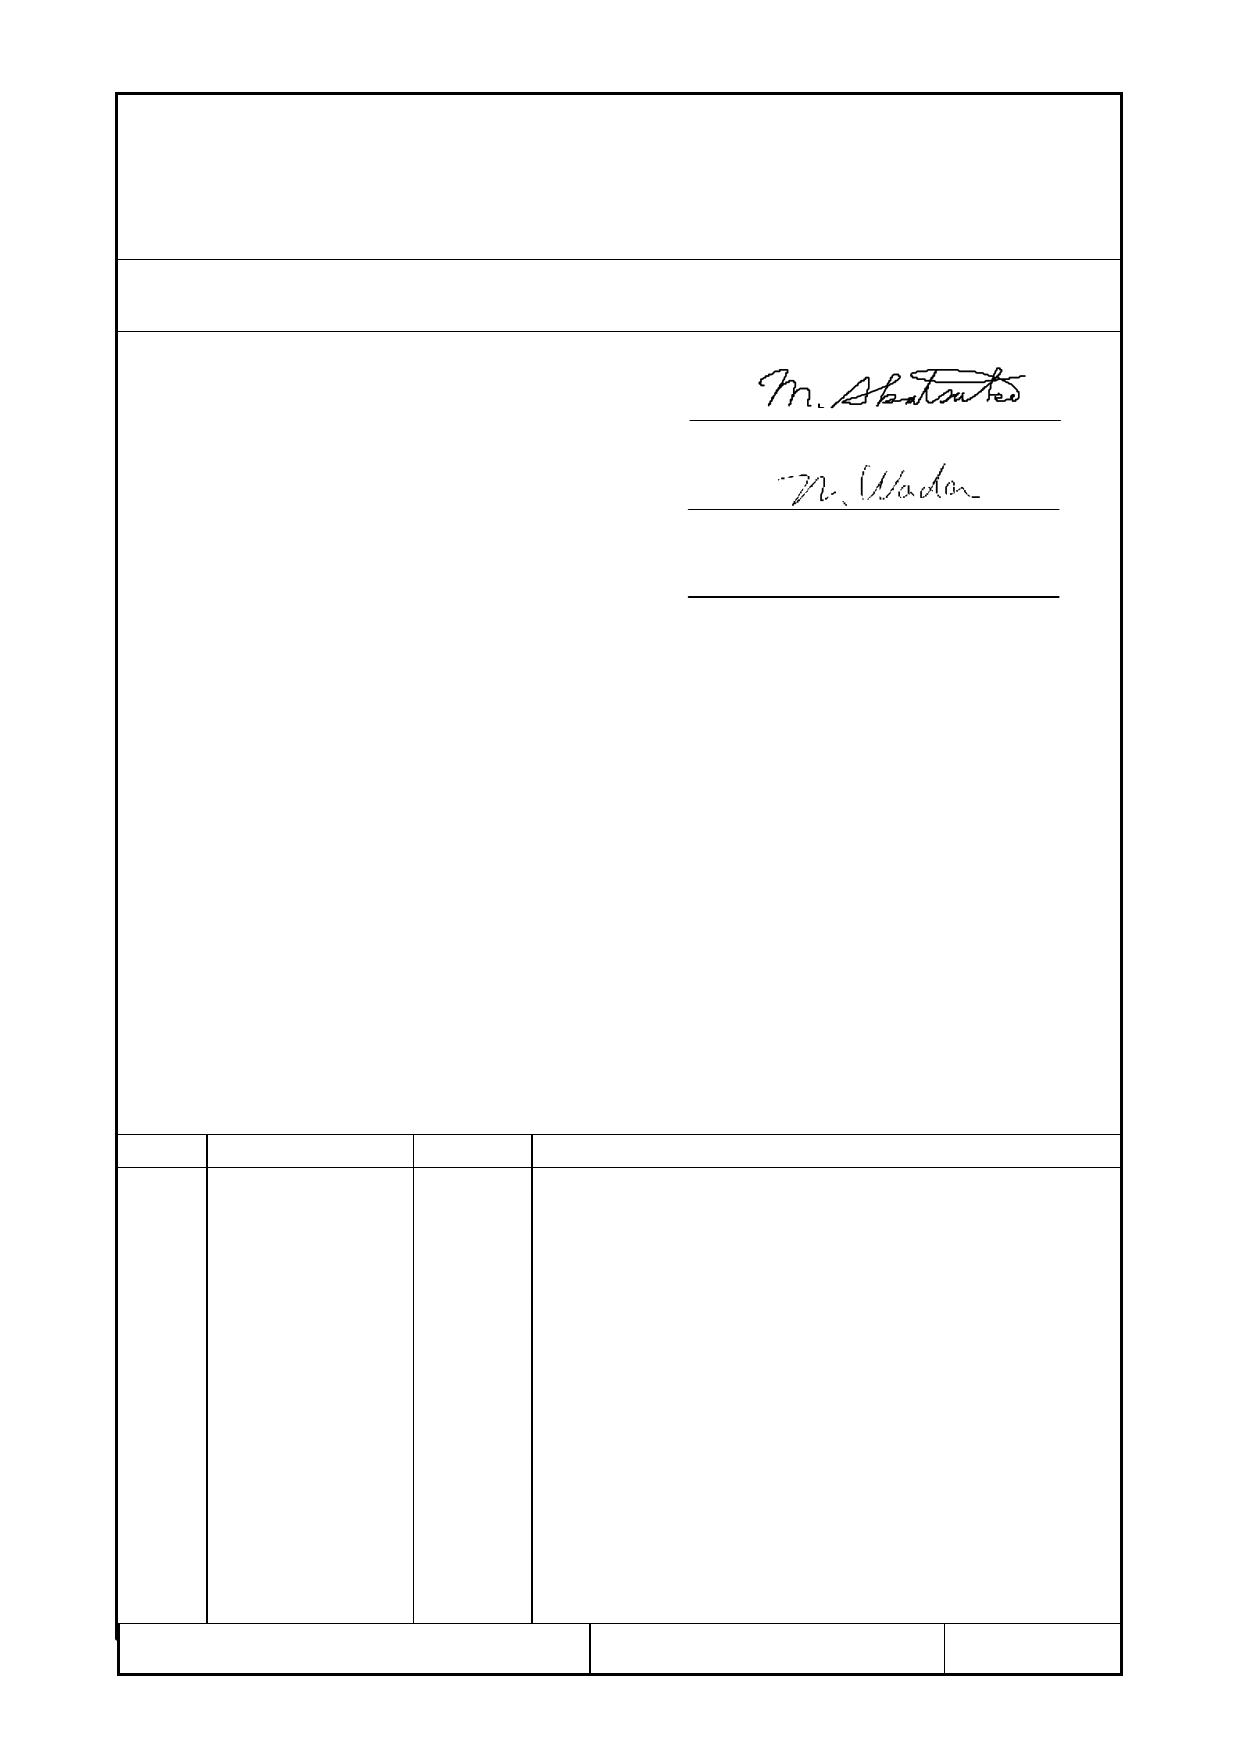 C-51847NFQJ-LG-ACN datasheet